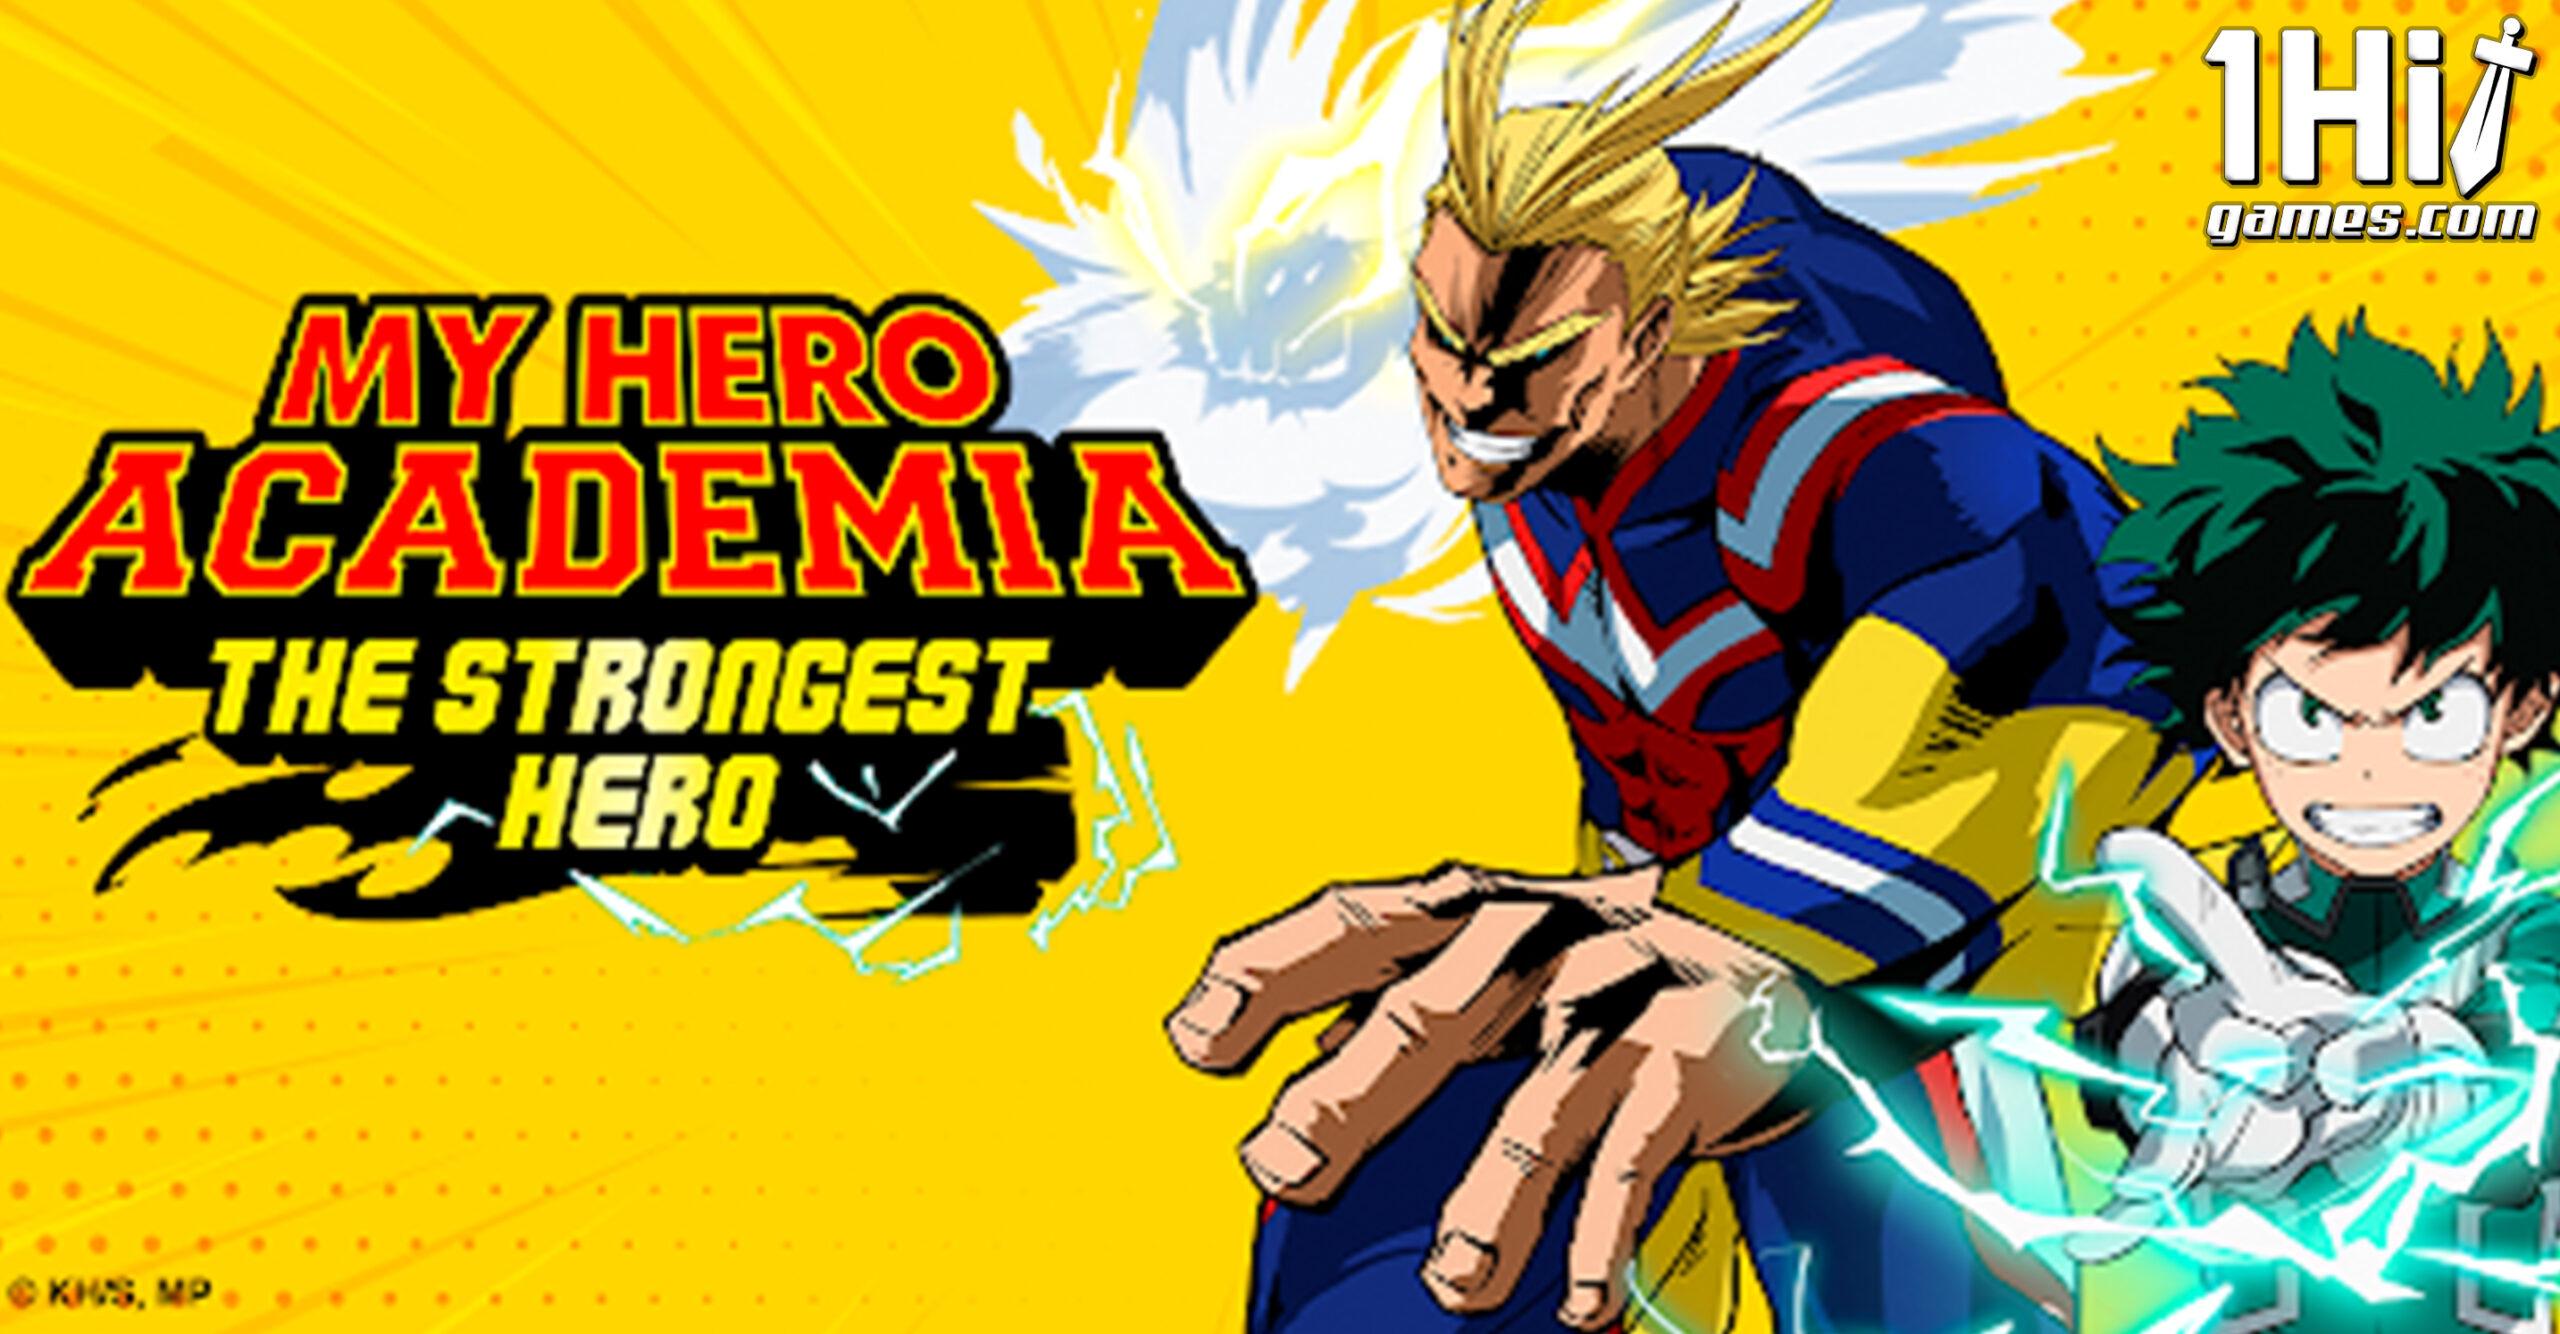 My Hero Academia: The Strongest Hero recebe trailer